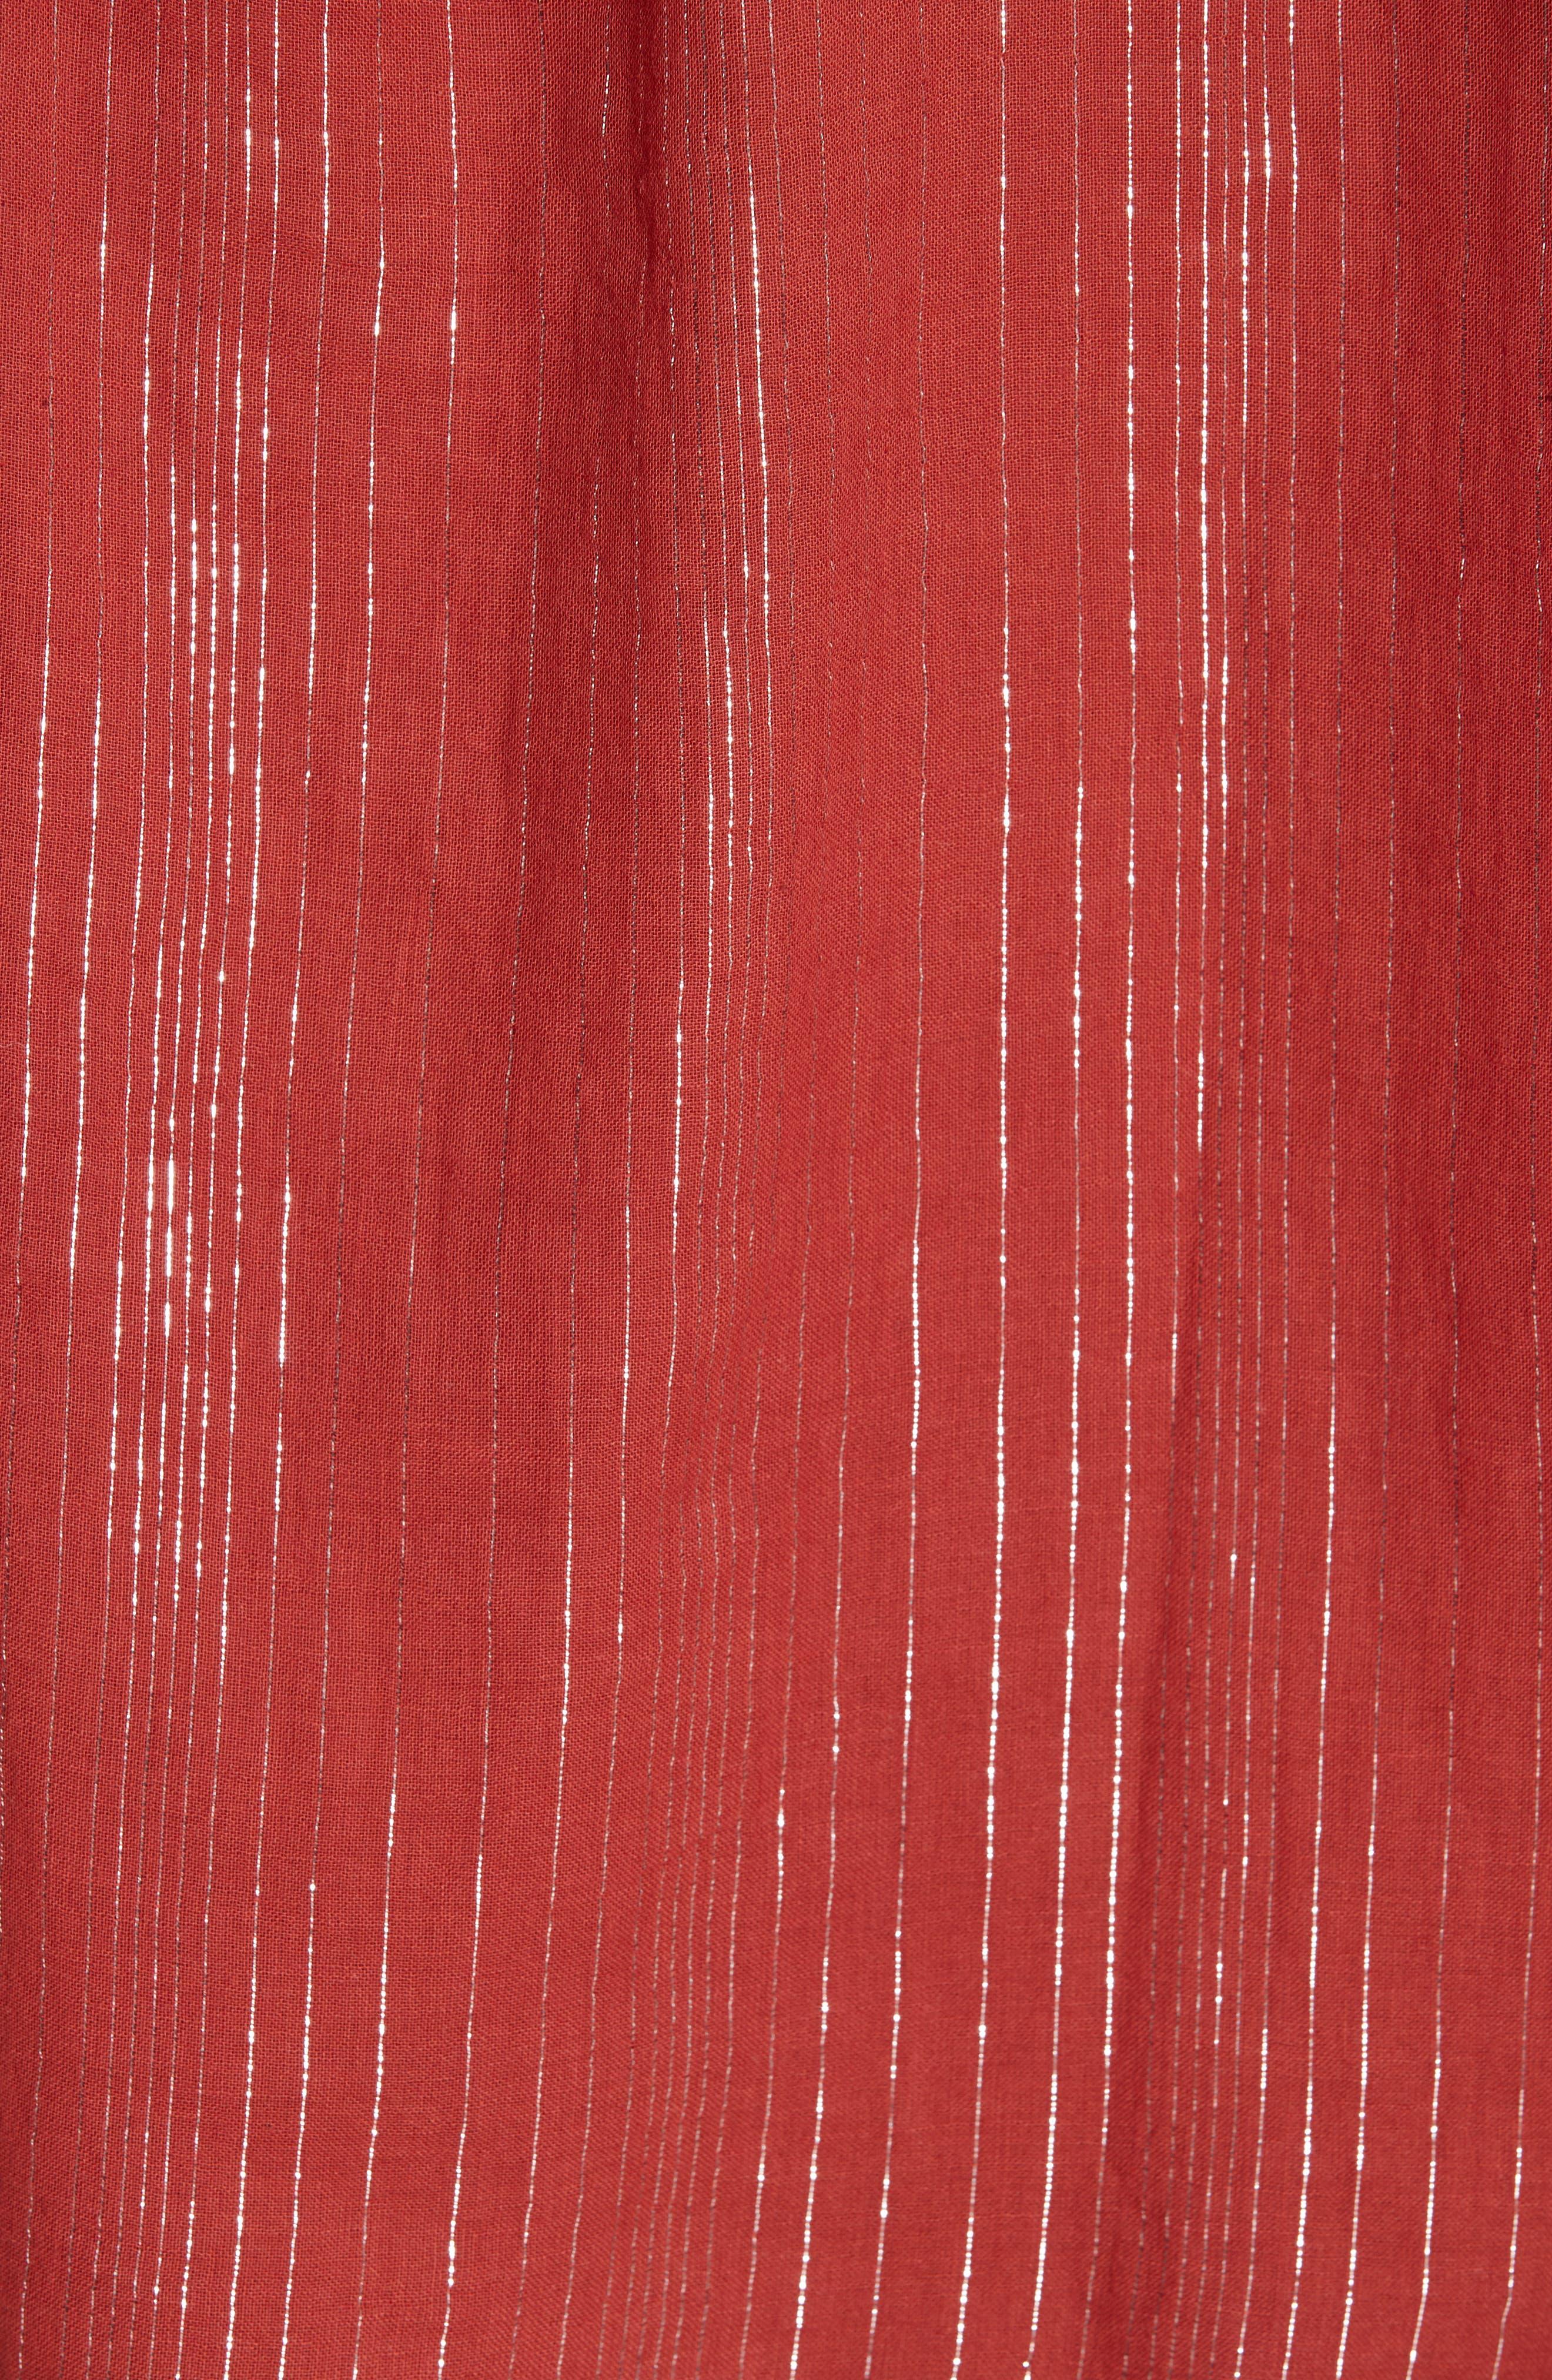 Cotton Peasant Blouse,                             Alternate thumbnail 5, color,                             600